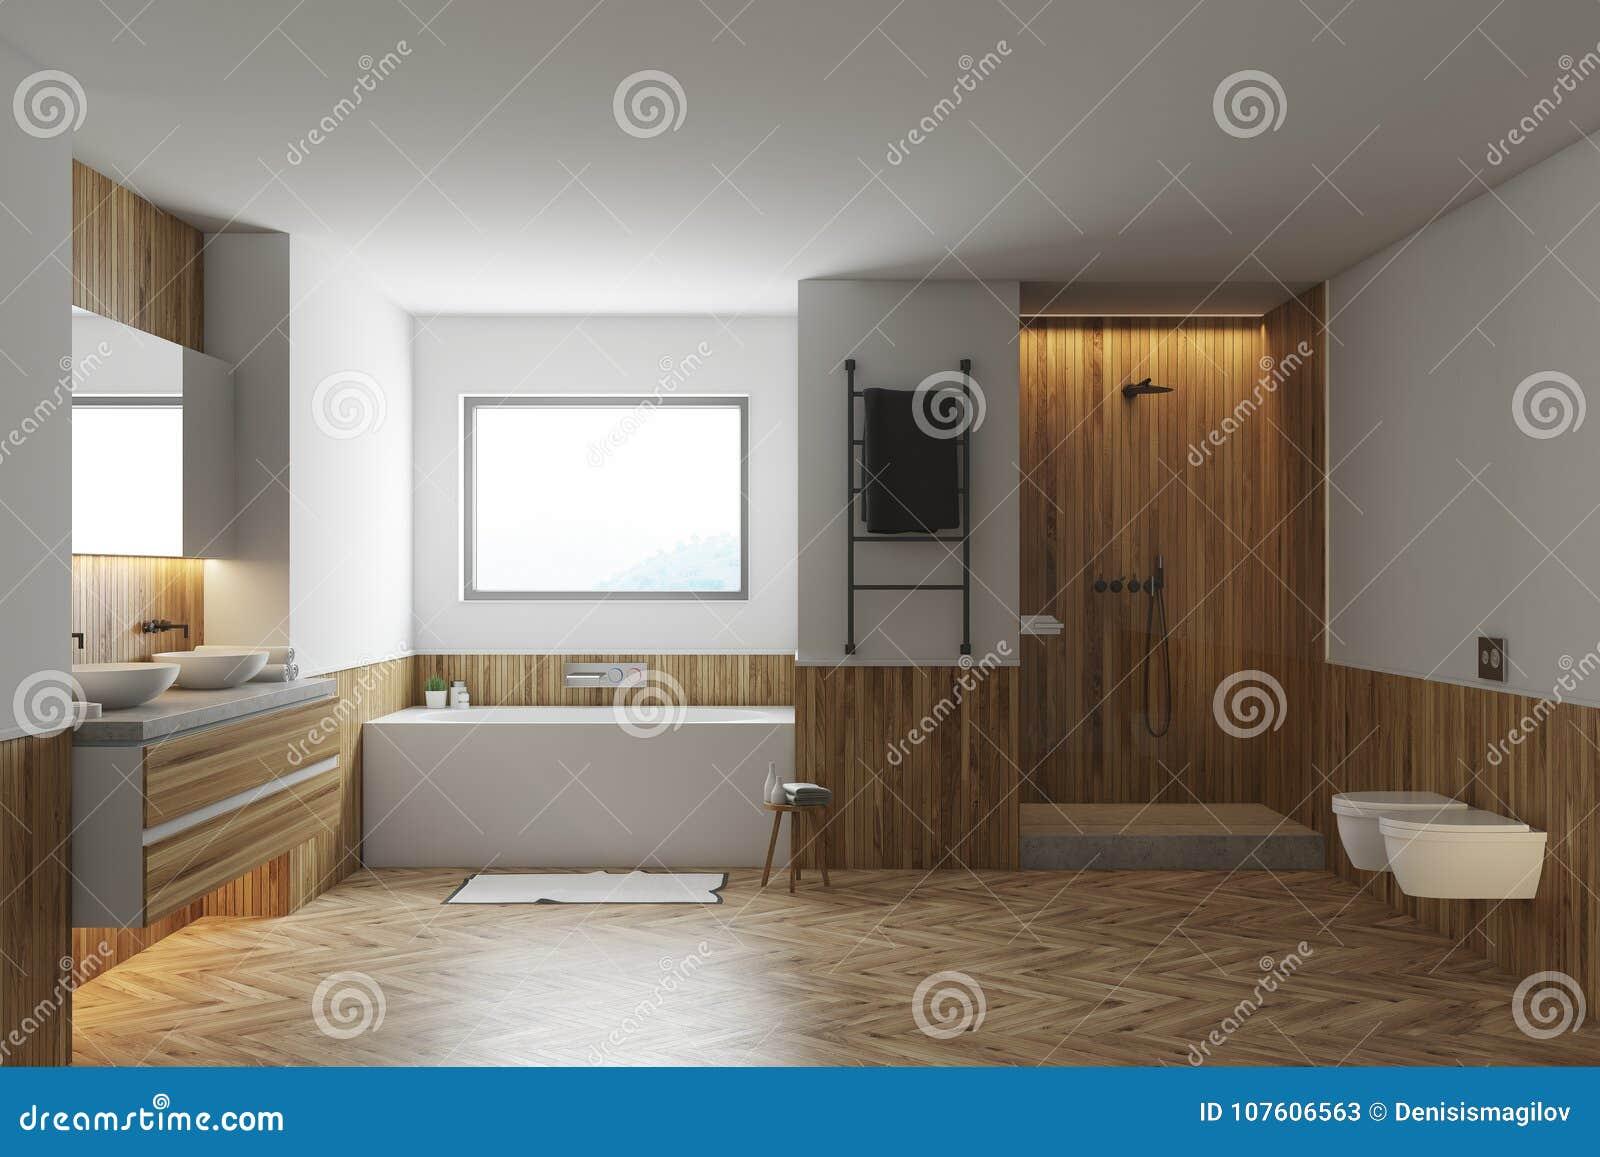 Bagno Legno E Bianco : Bagno bianco e di legno vasca bianca lavandini illustrazione di